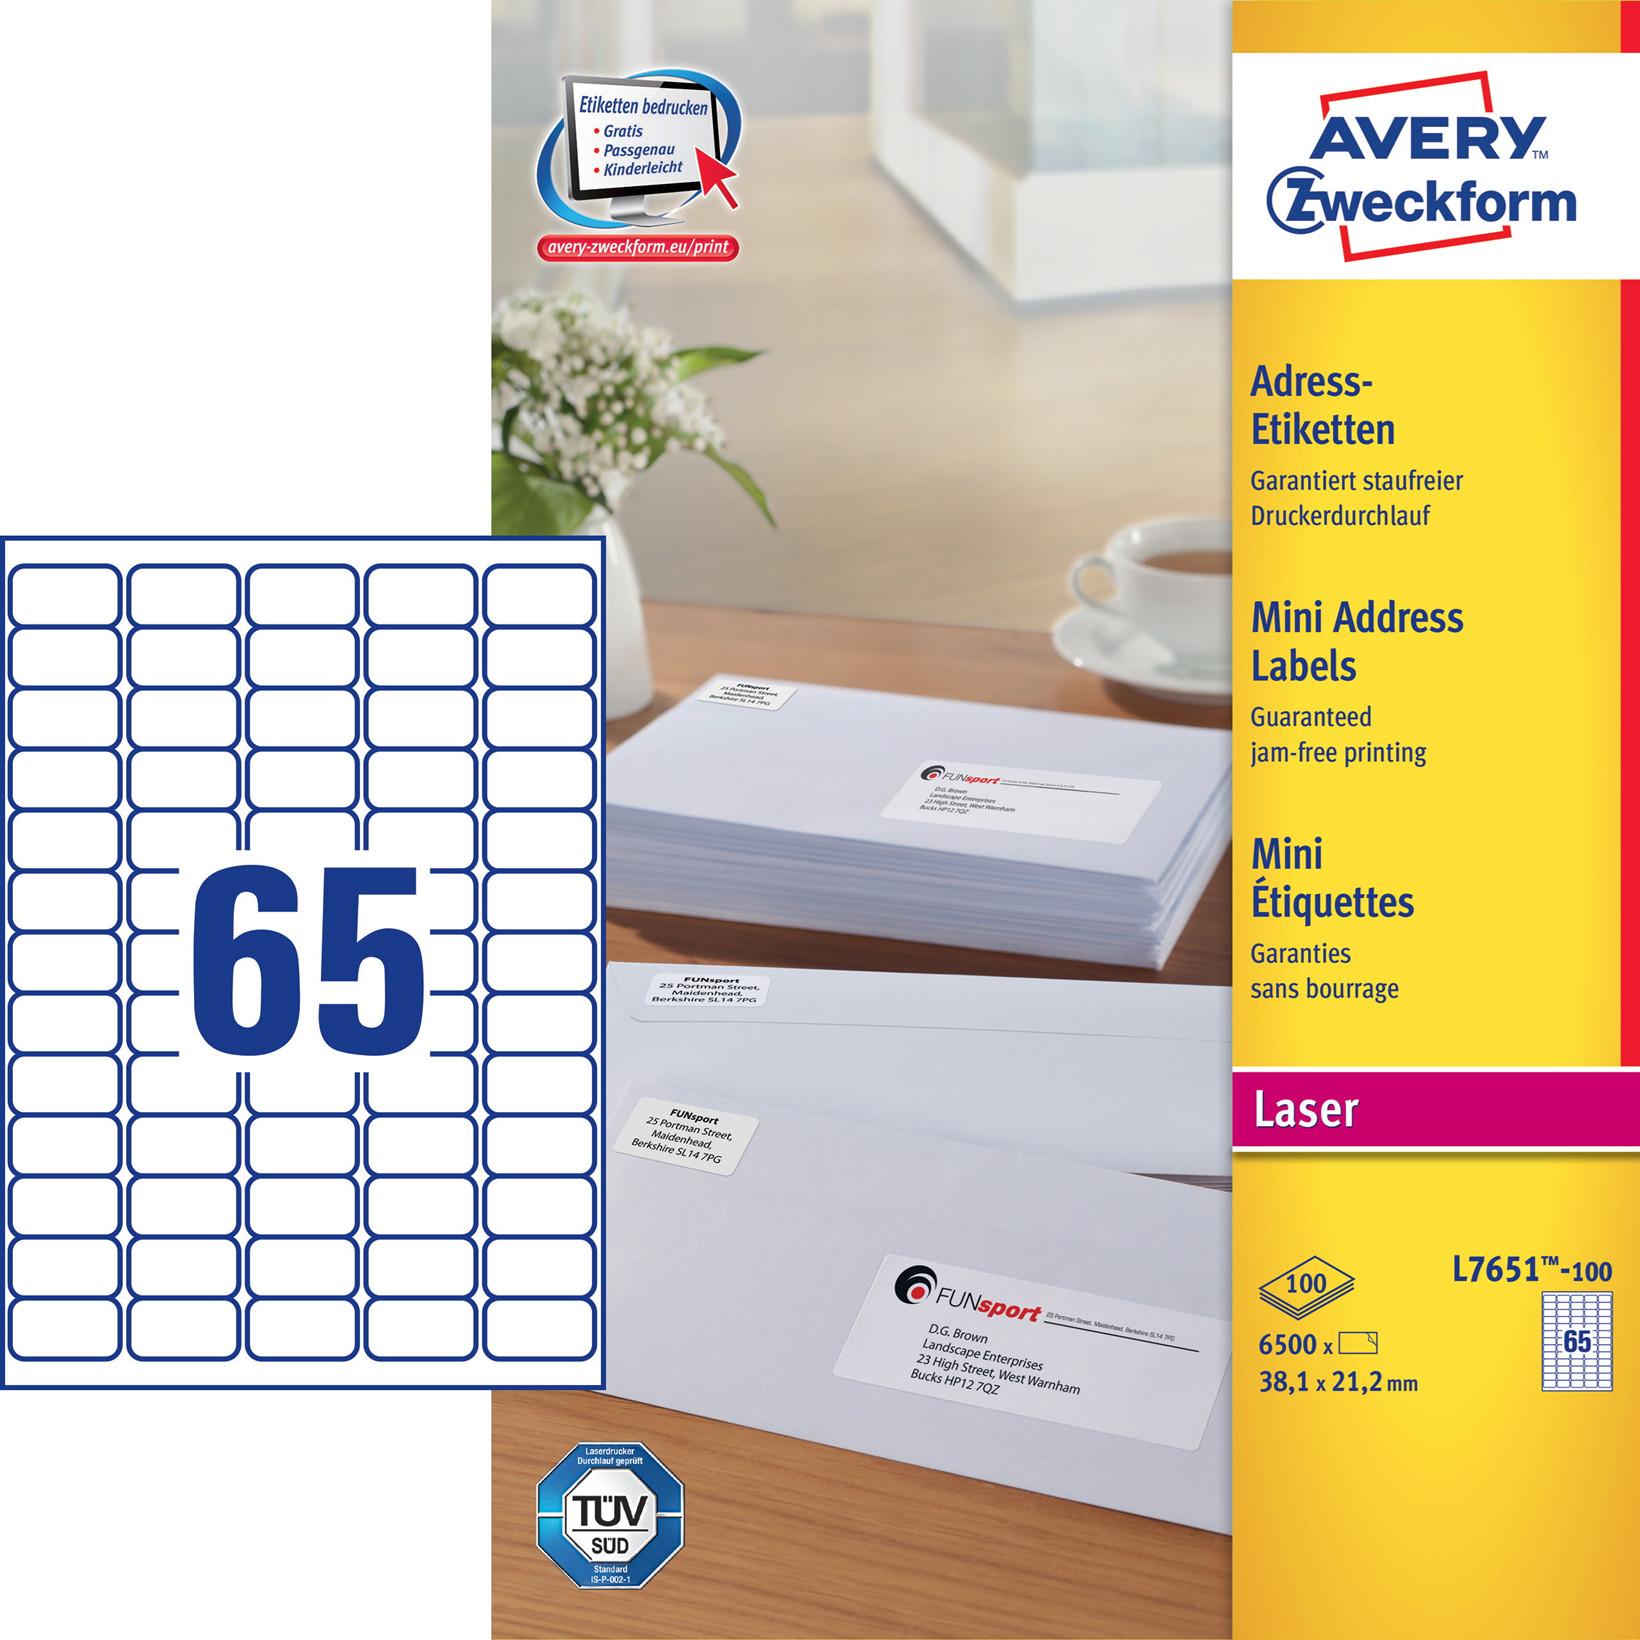 Avery L7651-H - Laser etiketter 65 pr. ark 38,1 x 21,2 mm - 100 ark